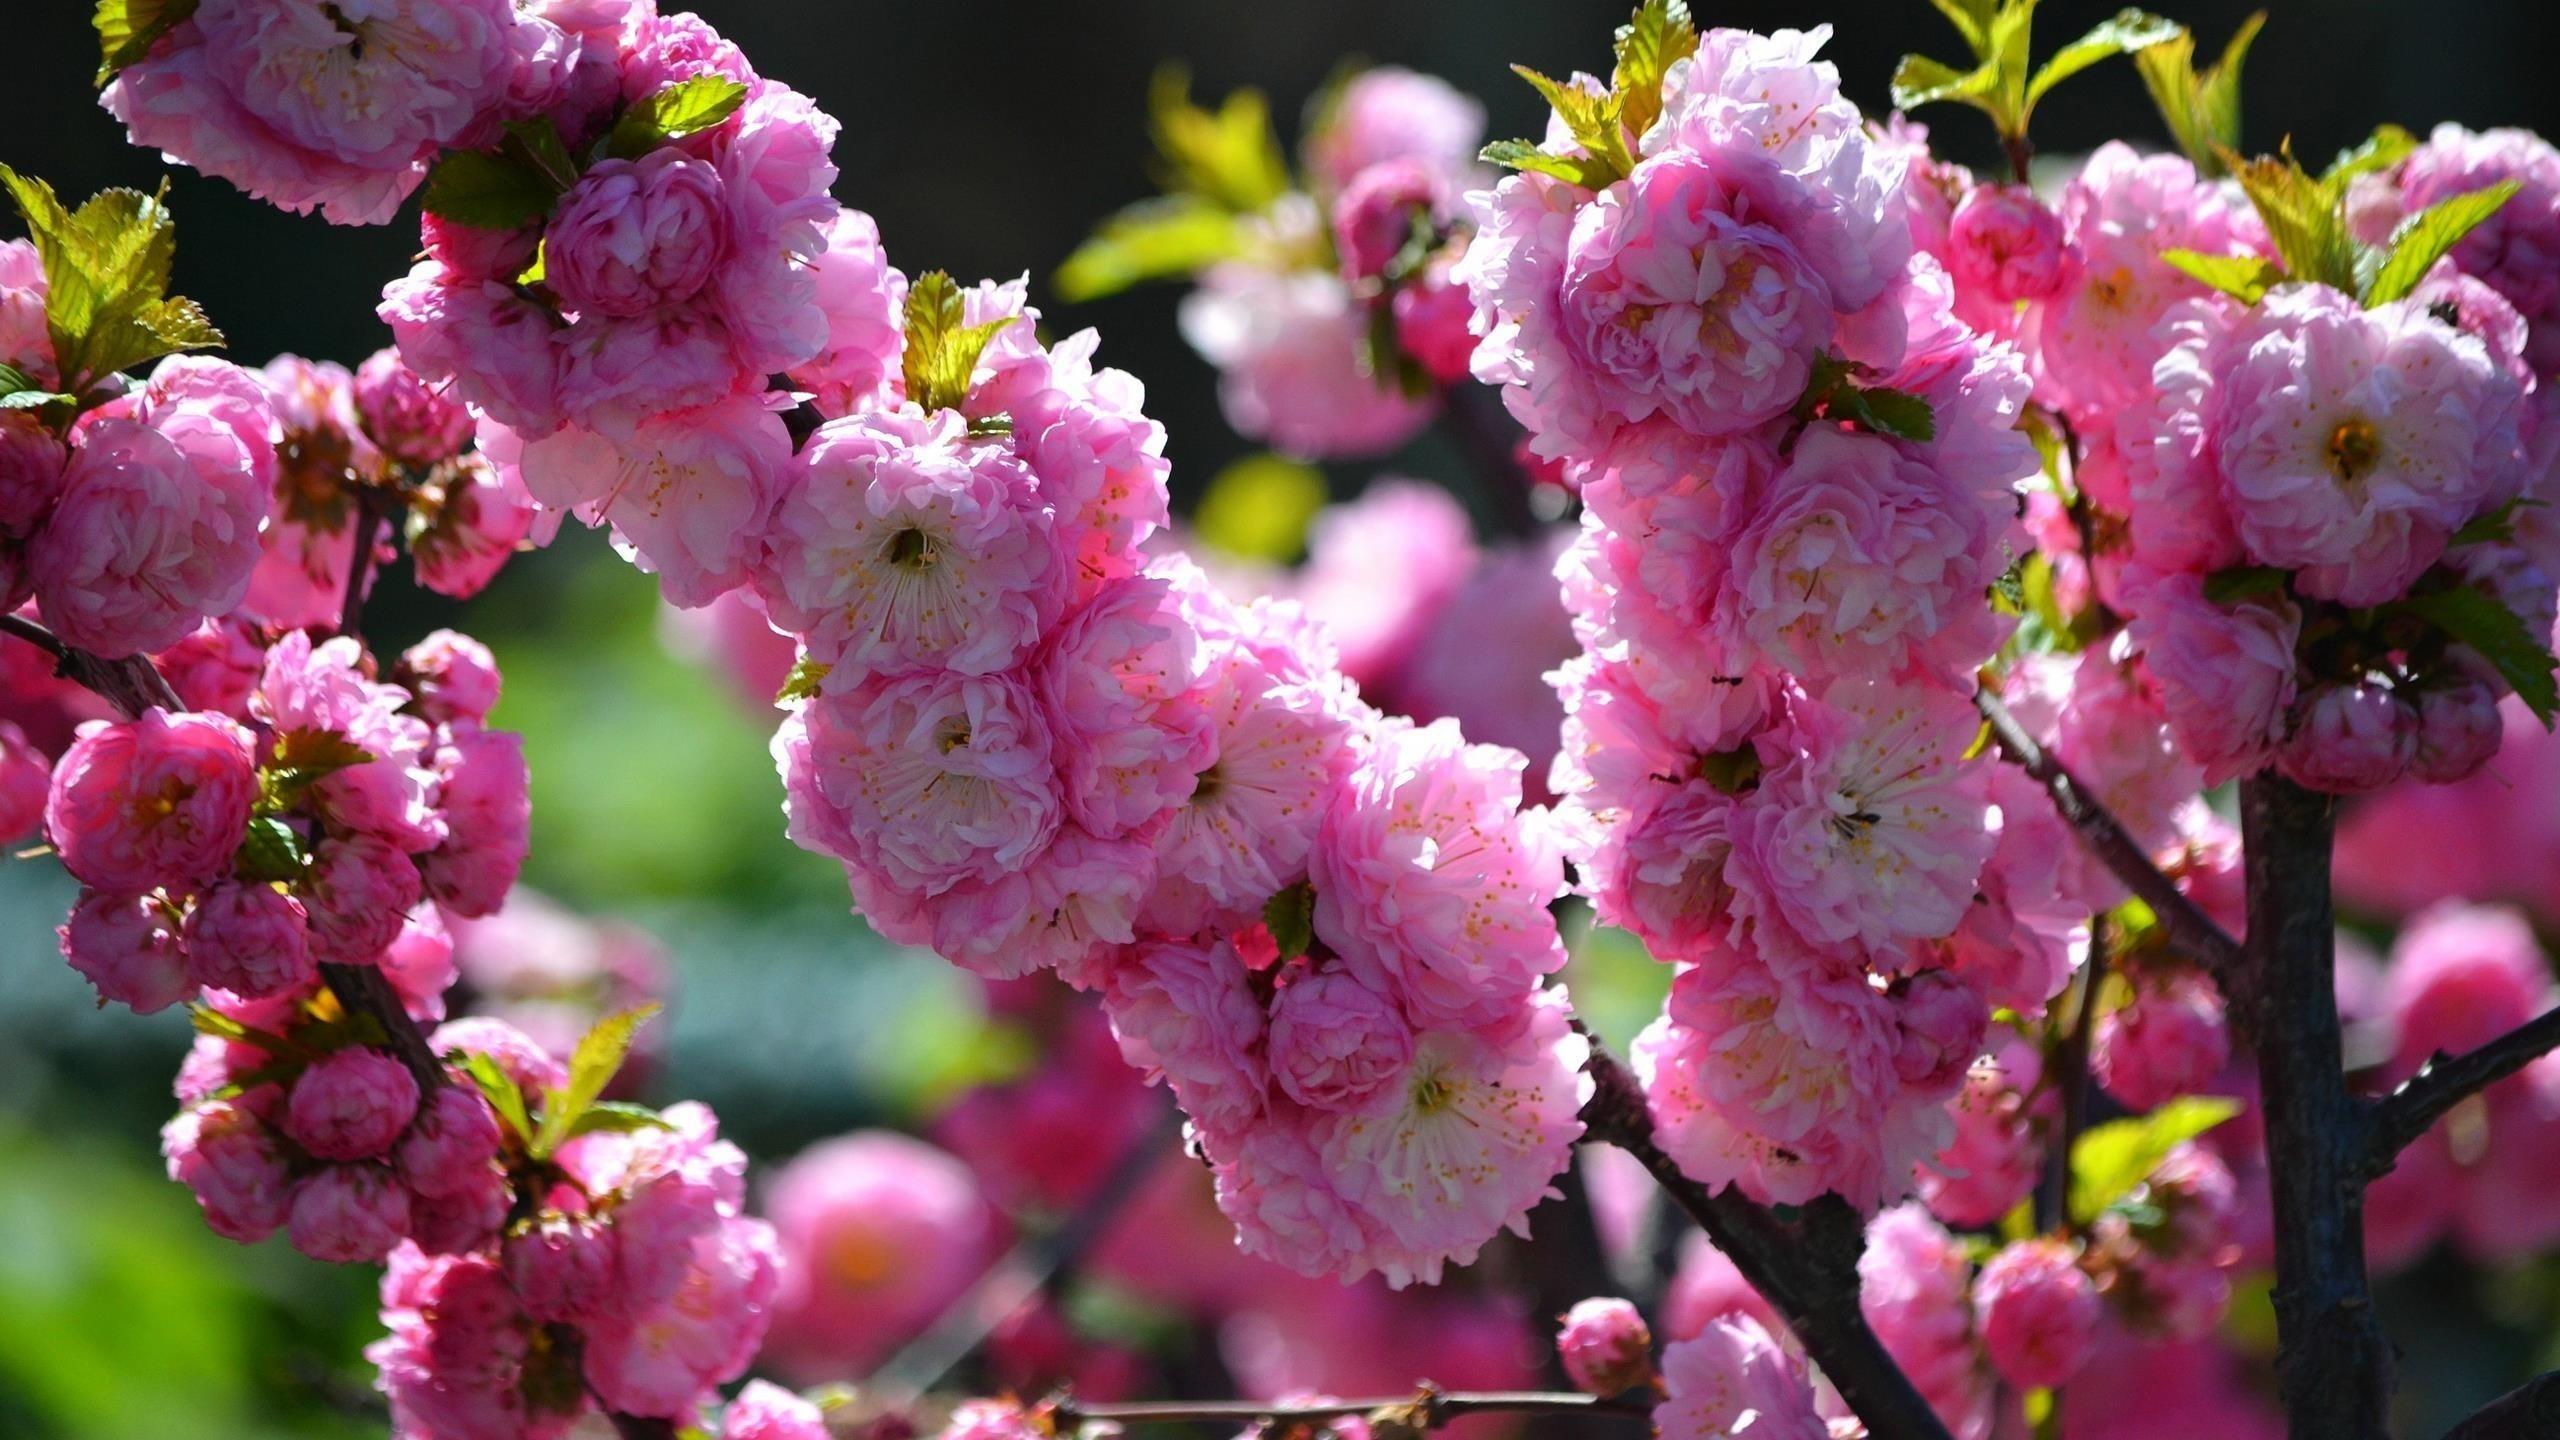 Красивые розовые цветы вишни цветут ветви деревьев синий фон цветы обои скачать